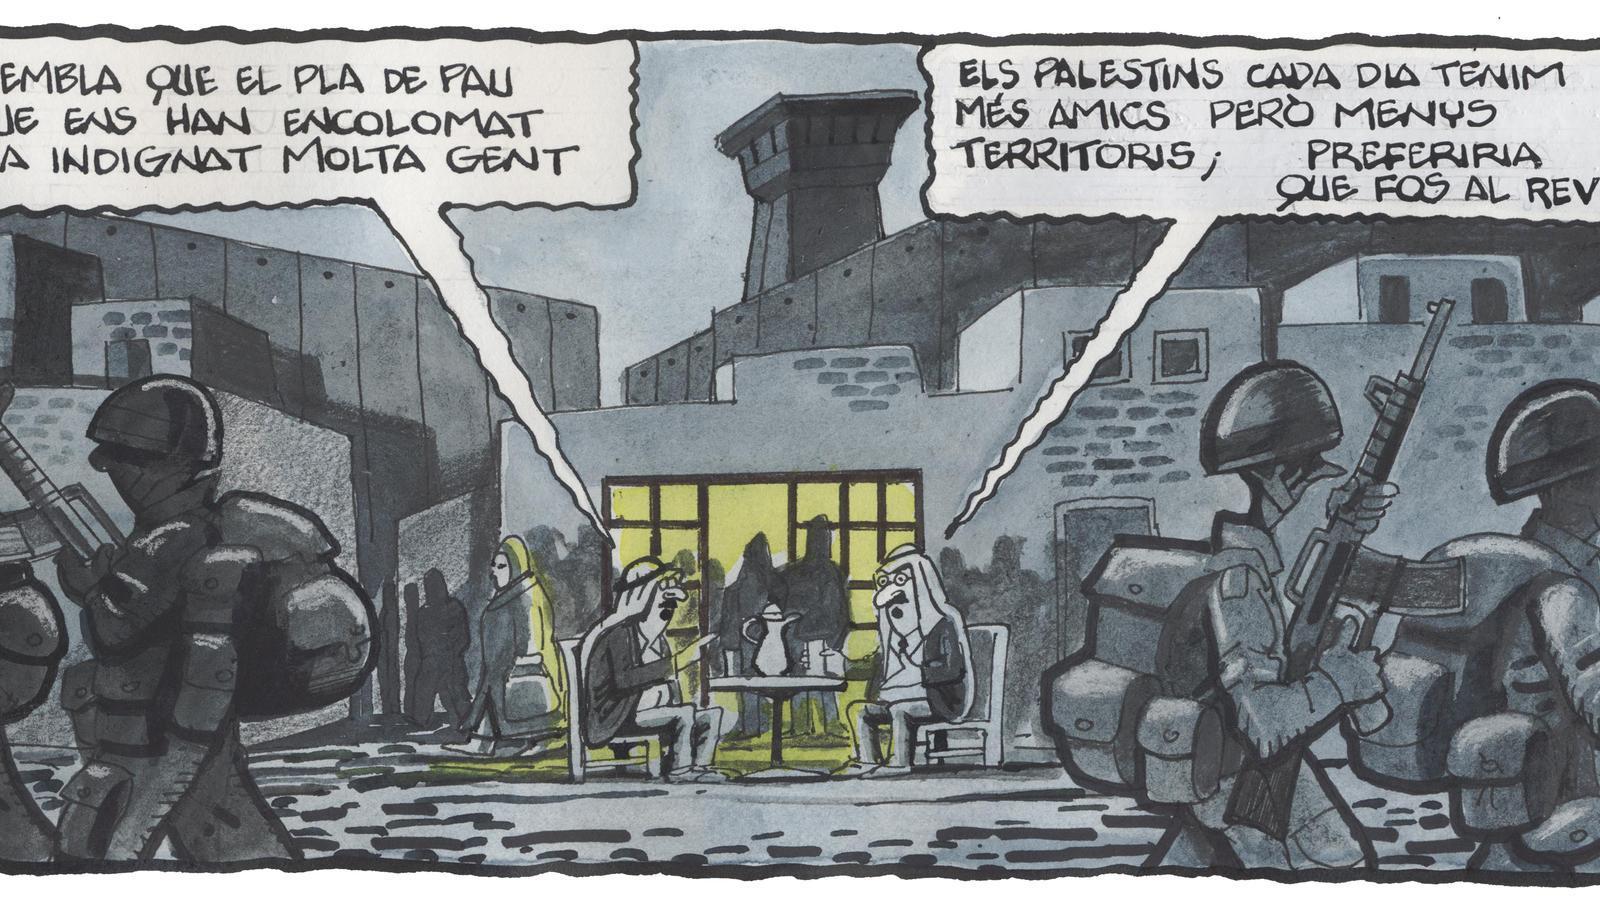 'A la contra', per Ferreres 16/02/2020